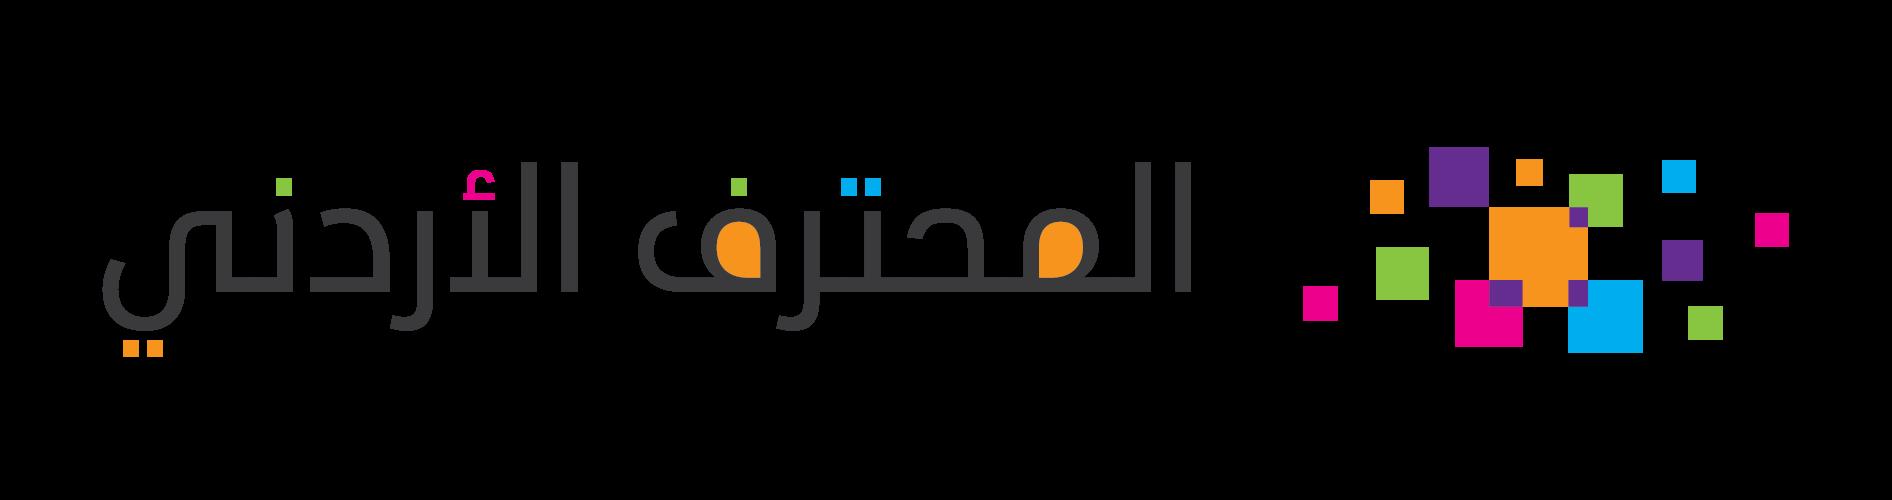 المحترف الأردني | موقع عربي تقني